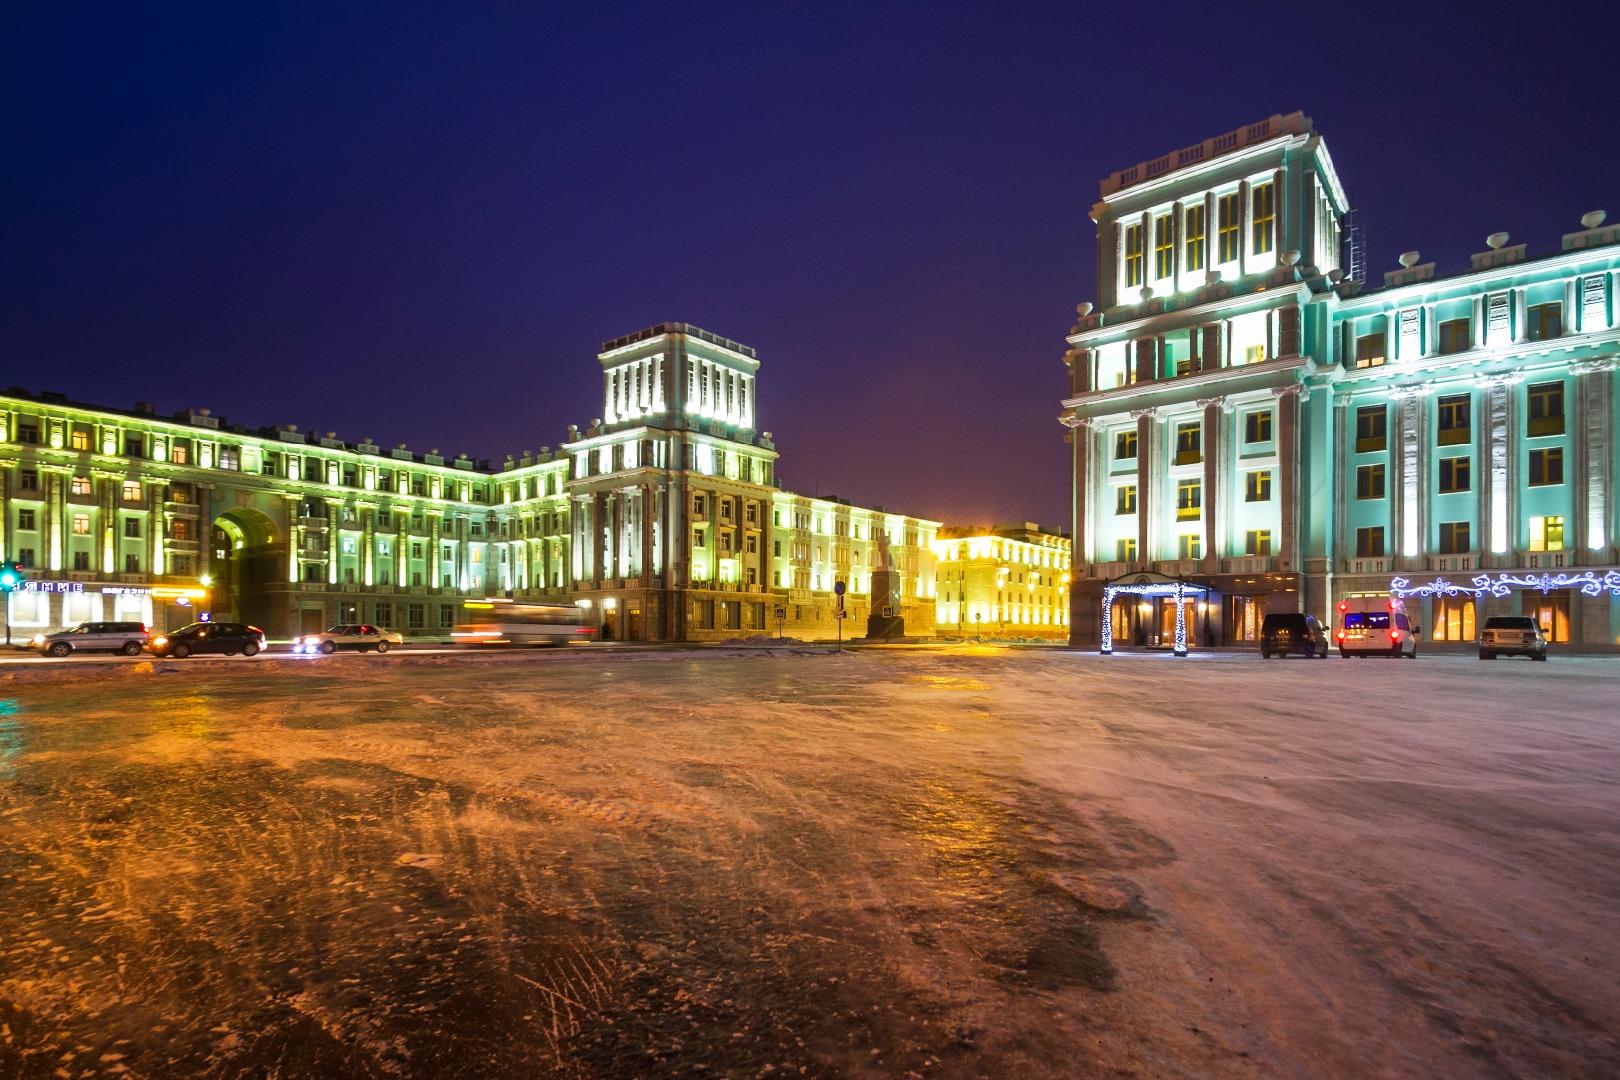 город норильск фотографии продолжает сниматься